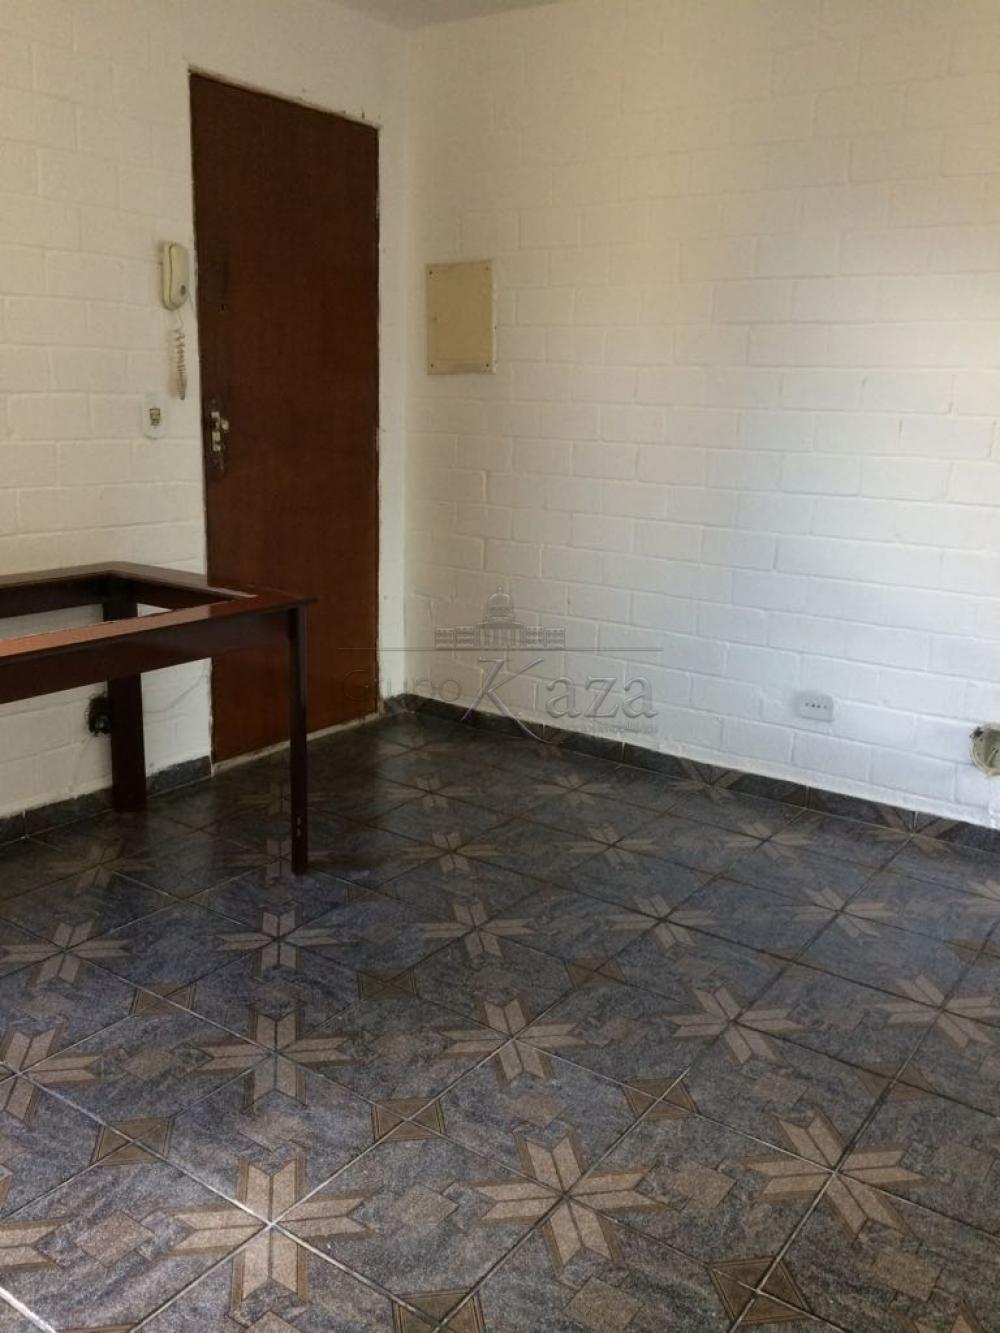 Alugar Apartamento / Padrão em São José dos Campos apenas R$ 770,00 - Foto 2